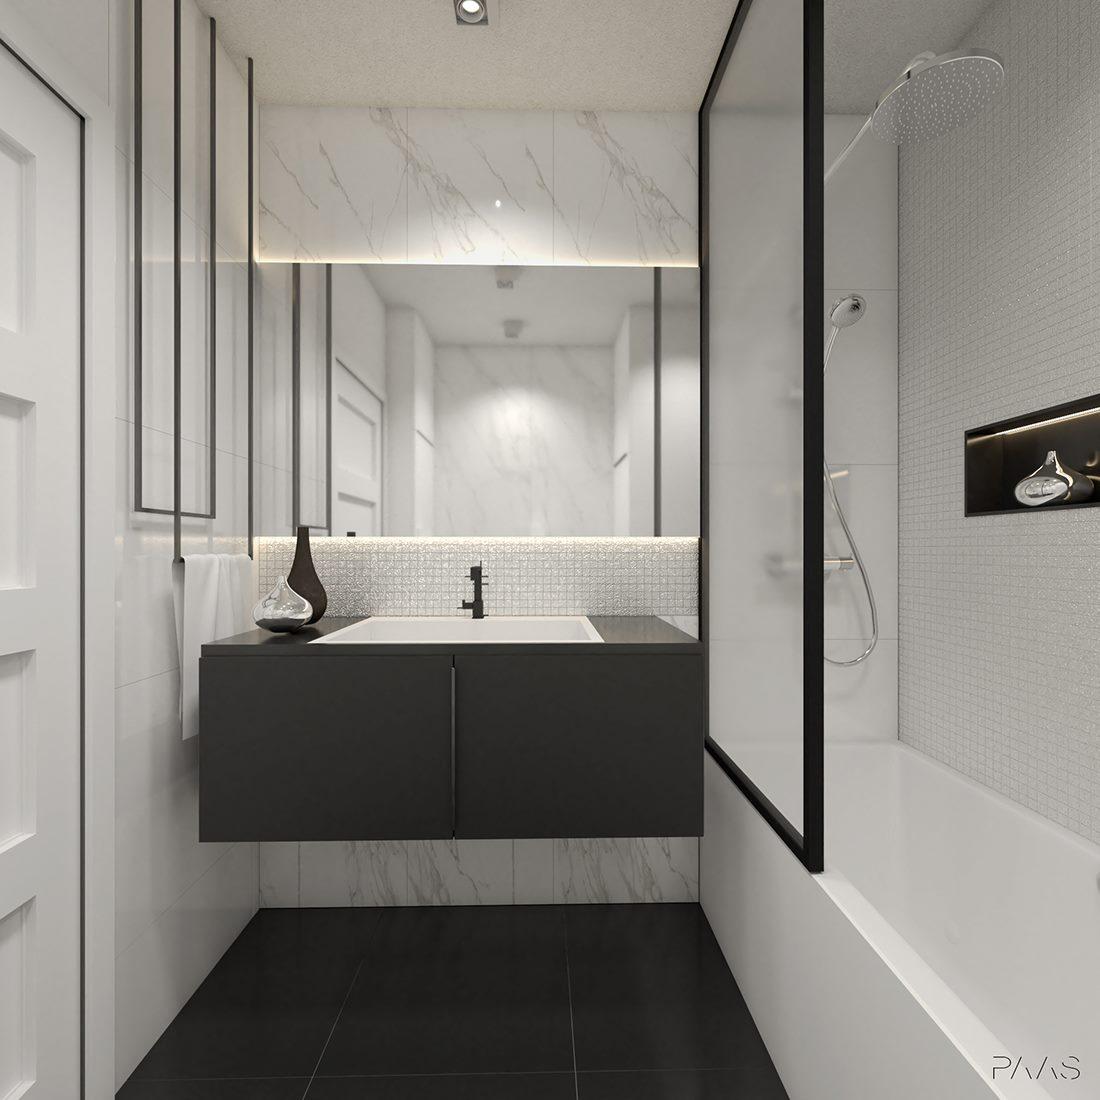 łazienka aranżacja black&white